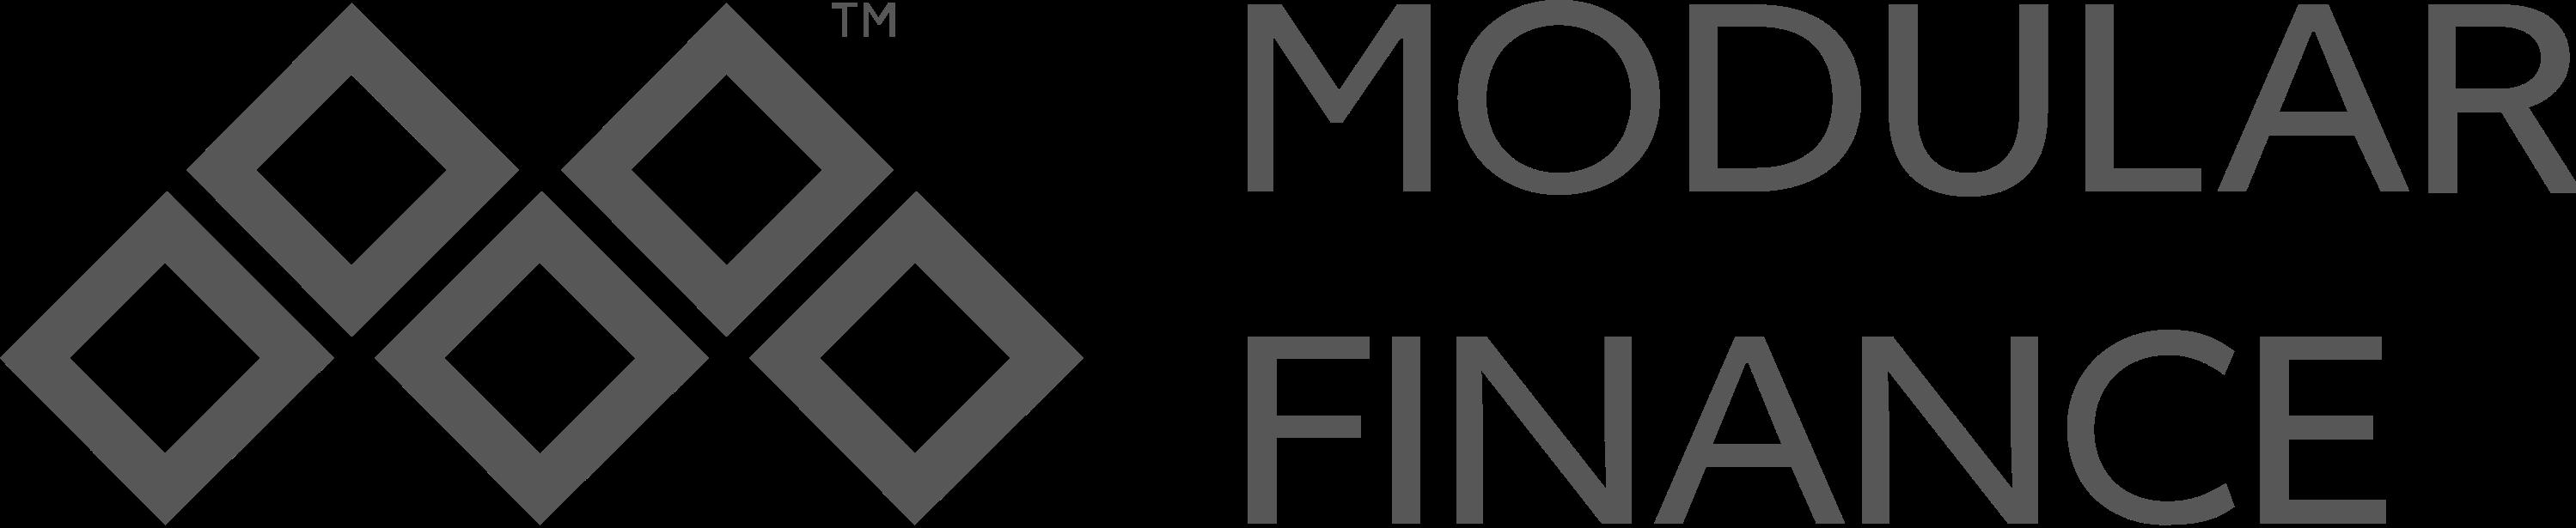 modular_finance